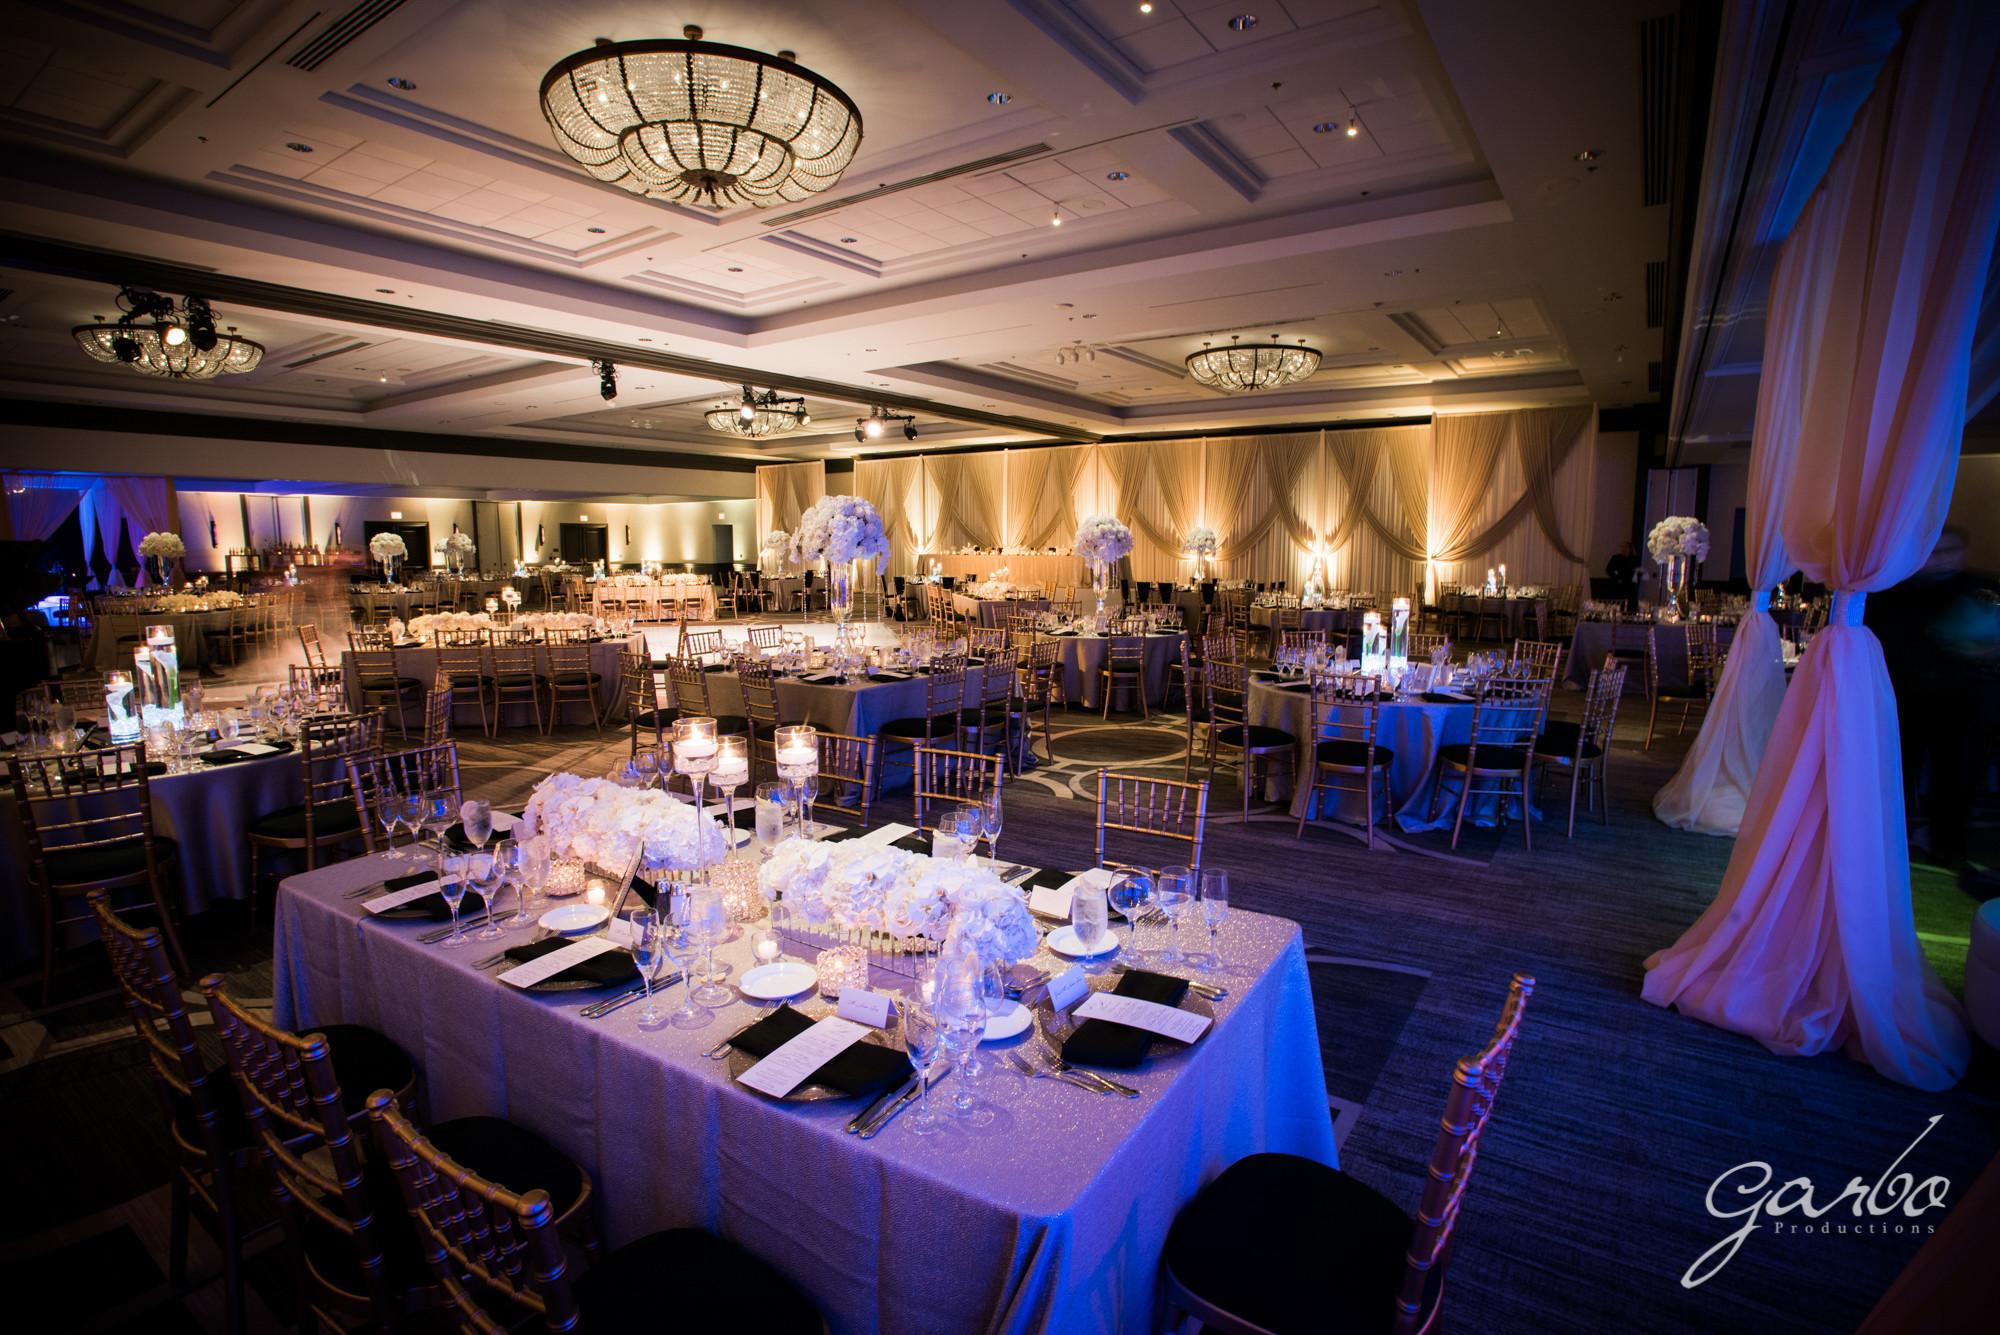 Oak Brook Hills Resort Launches Wediquette A Wedding Etiquette Series Naperville Sun